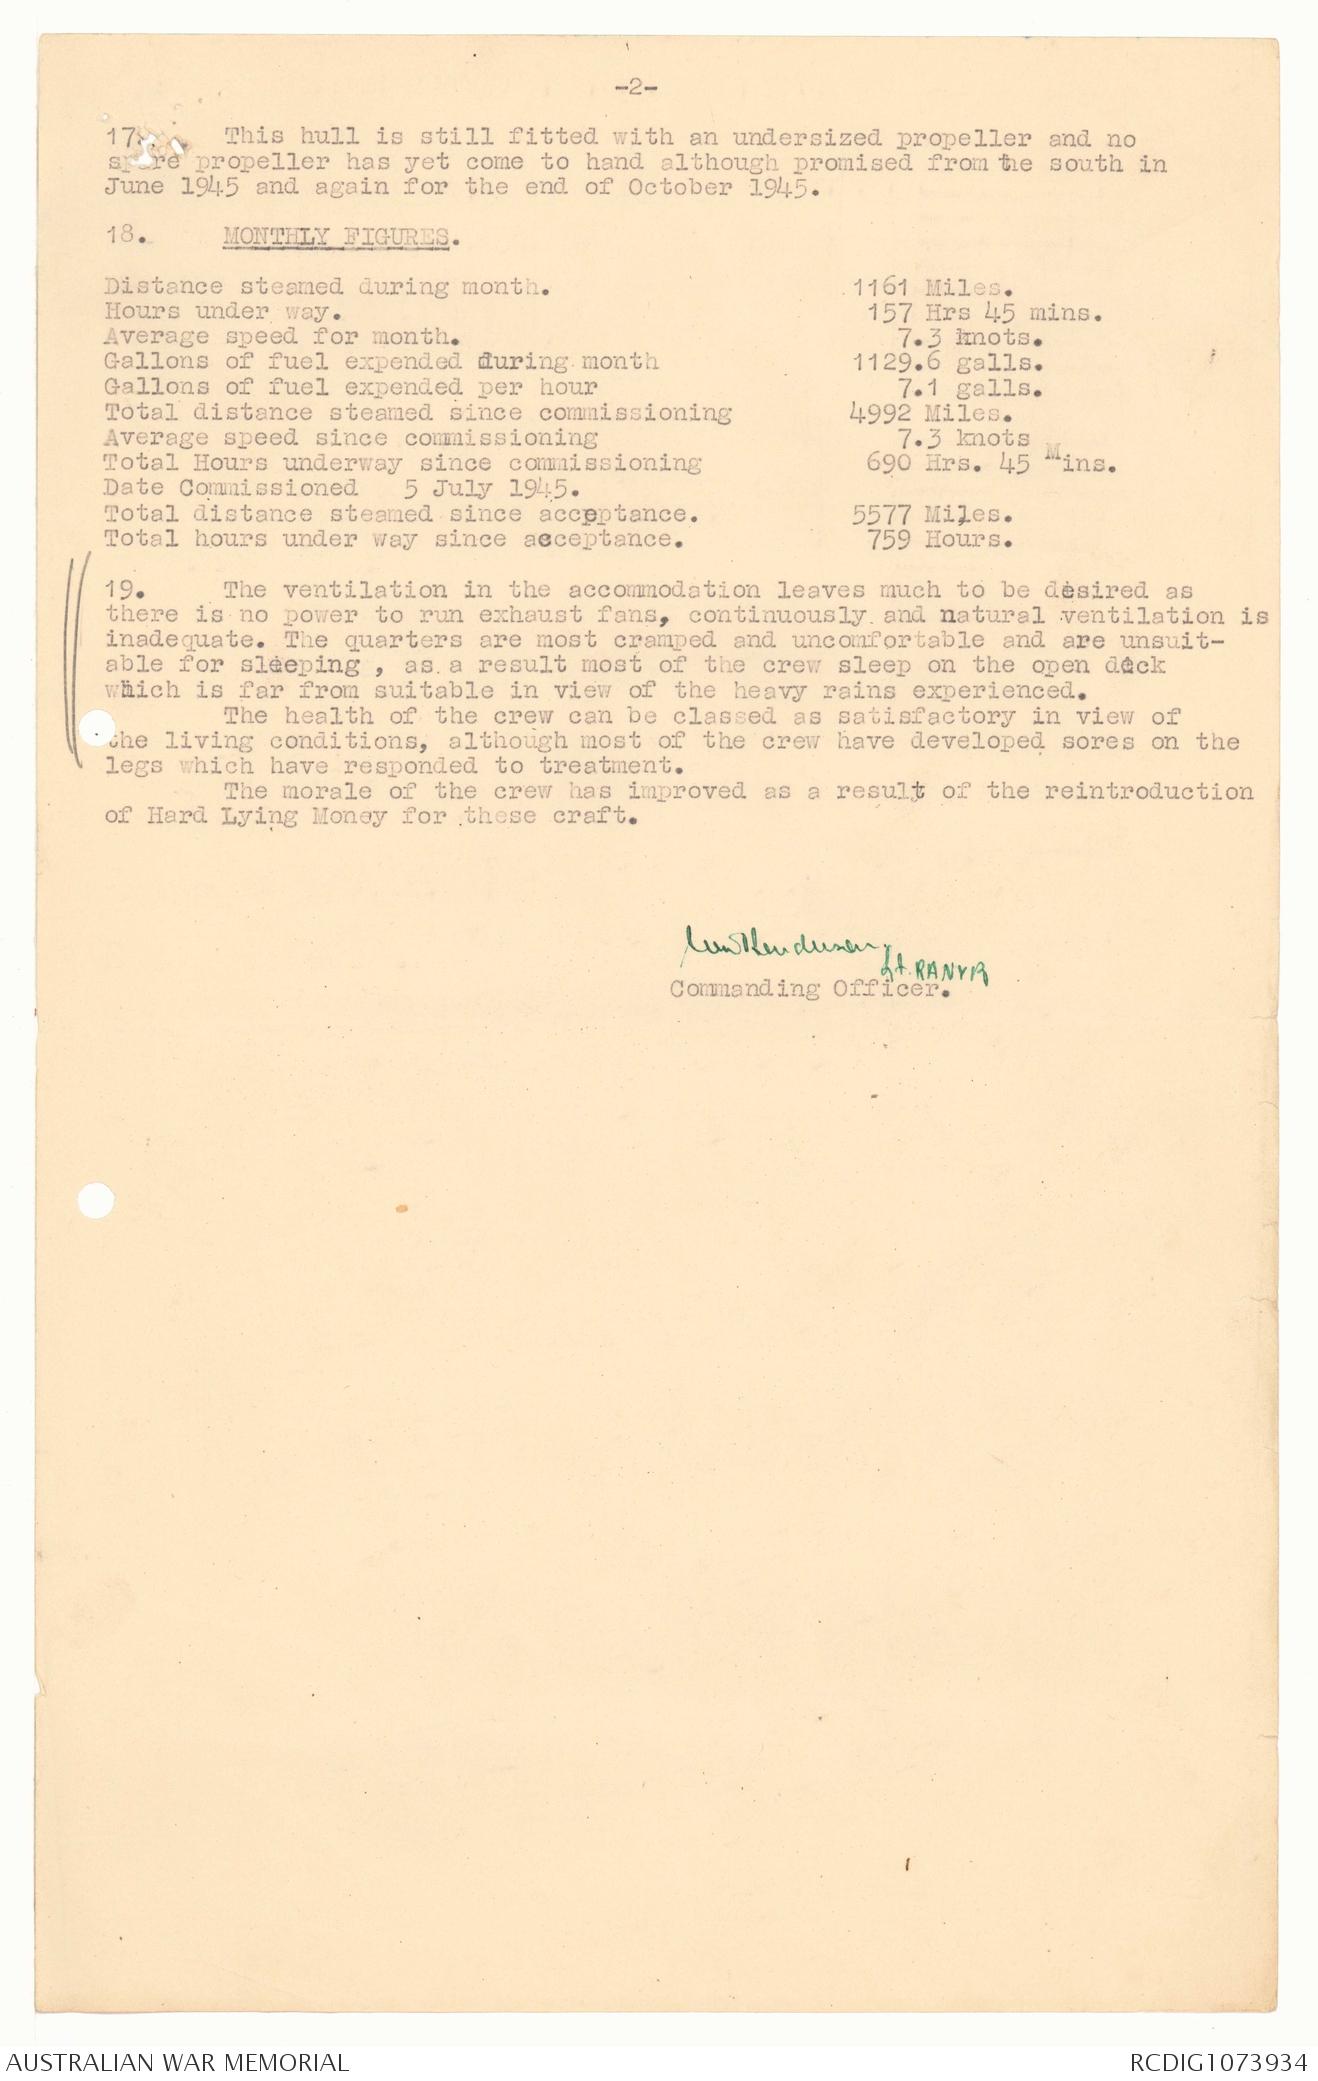 AWM78 268 1 September 1945 February 1946